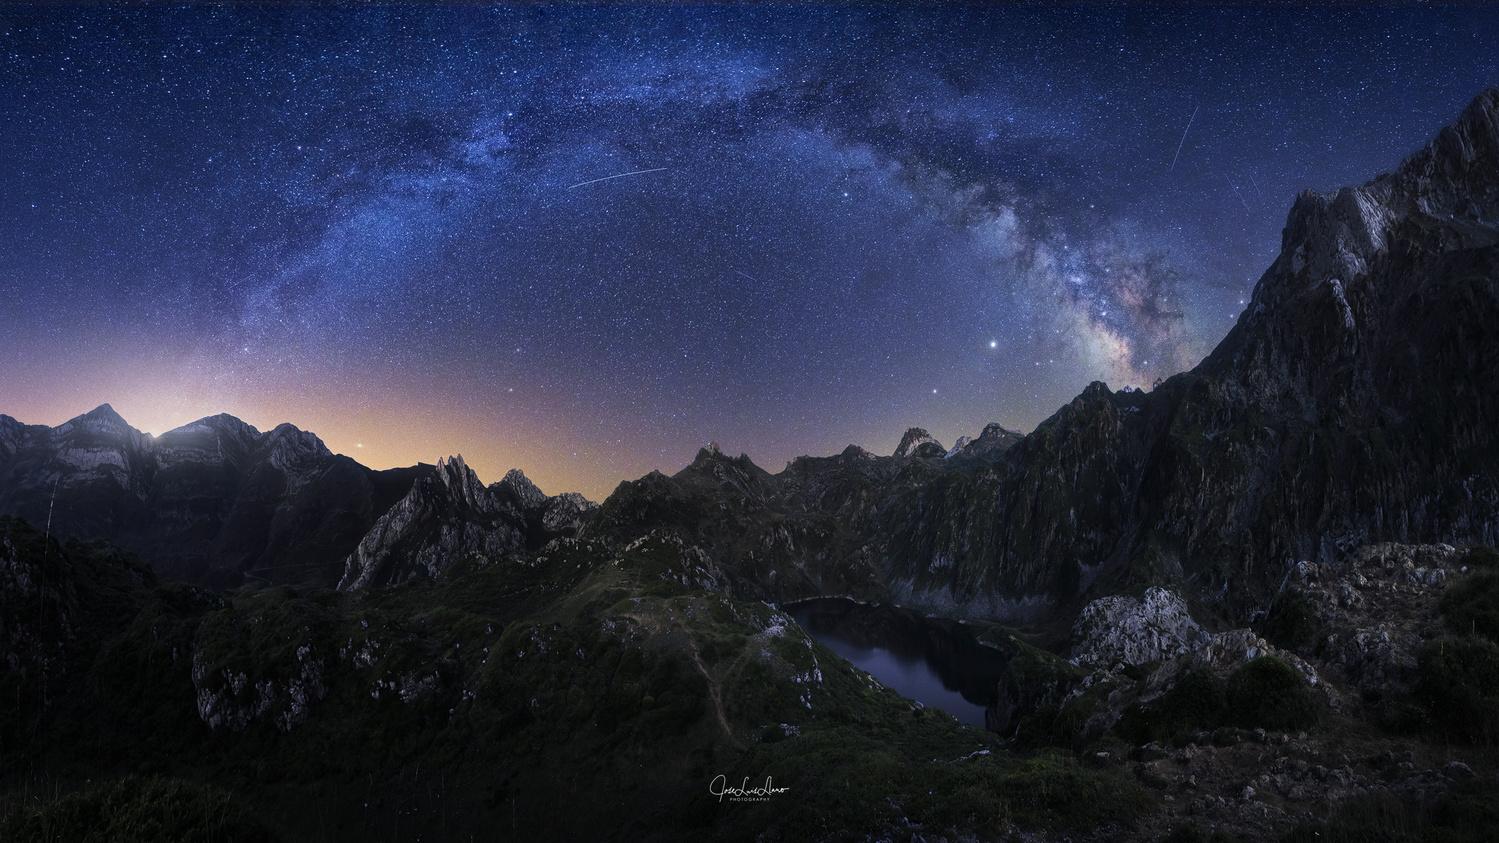 Saliencia Lakes by Jose Luis Llano